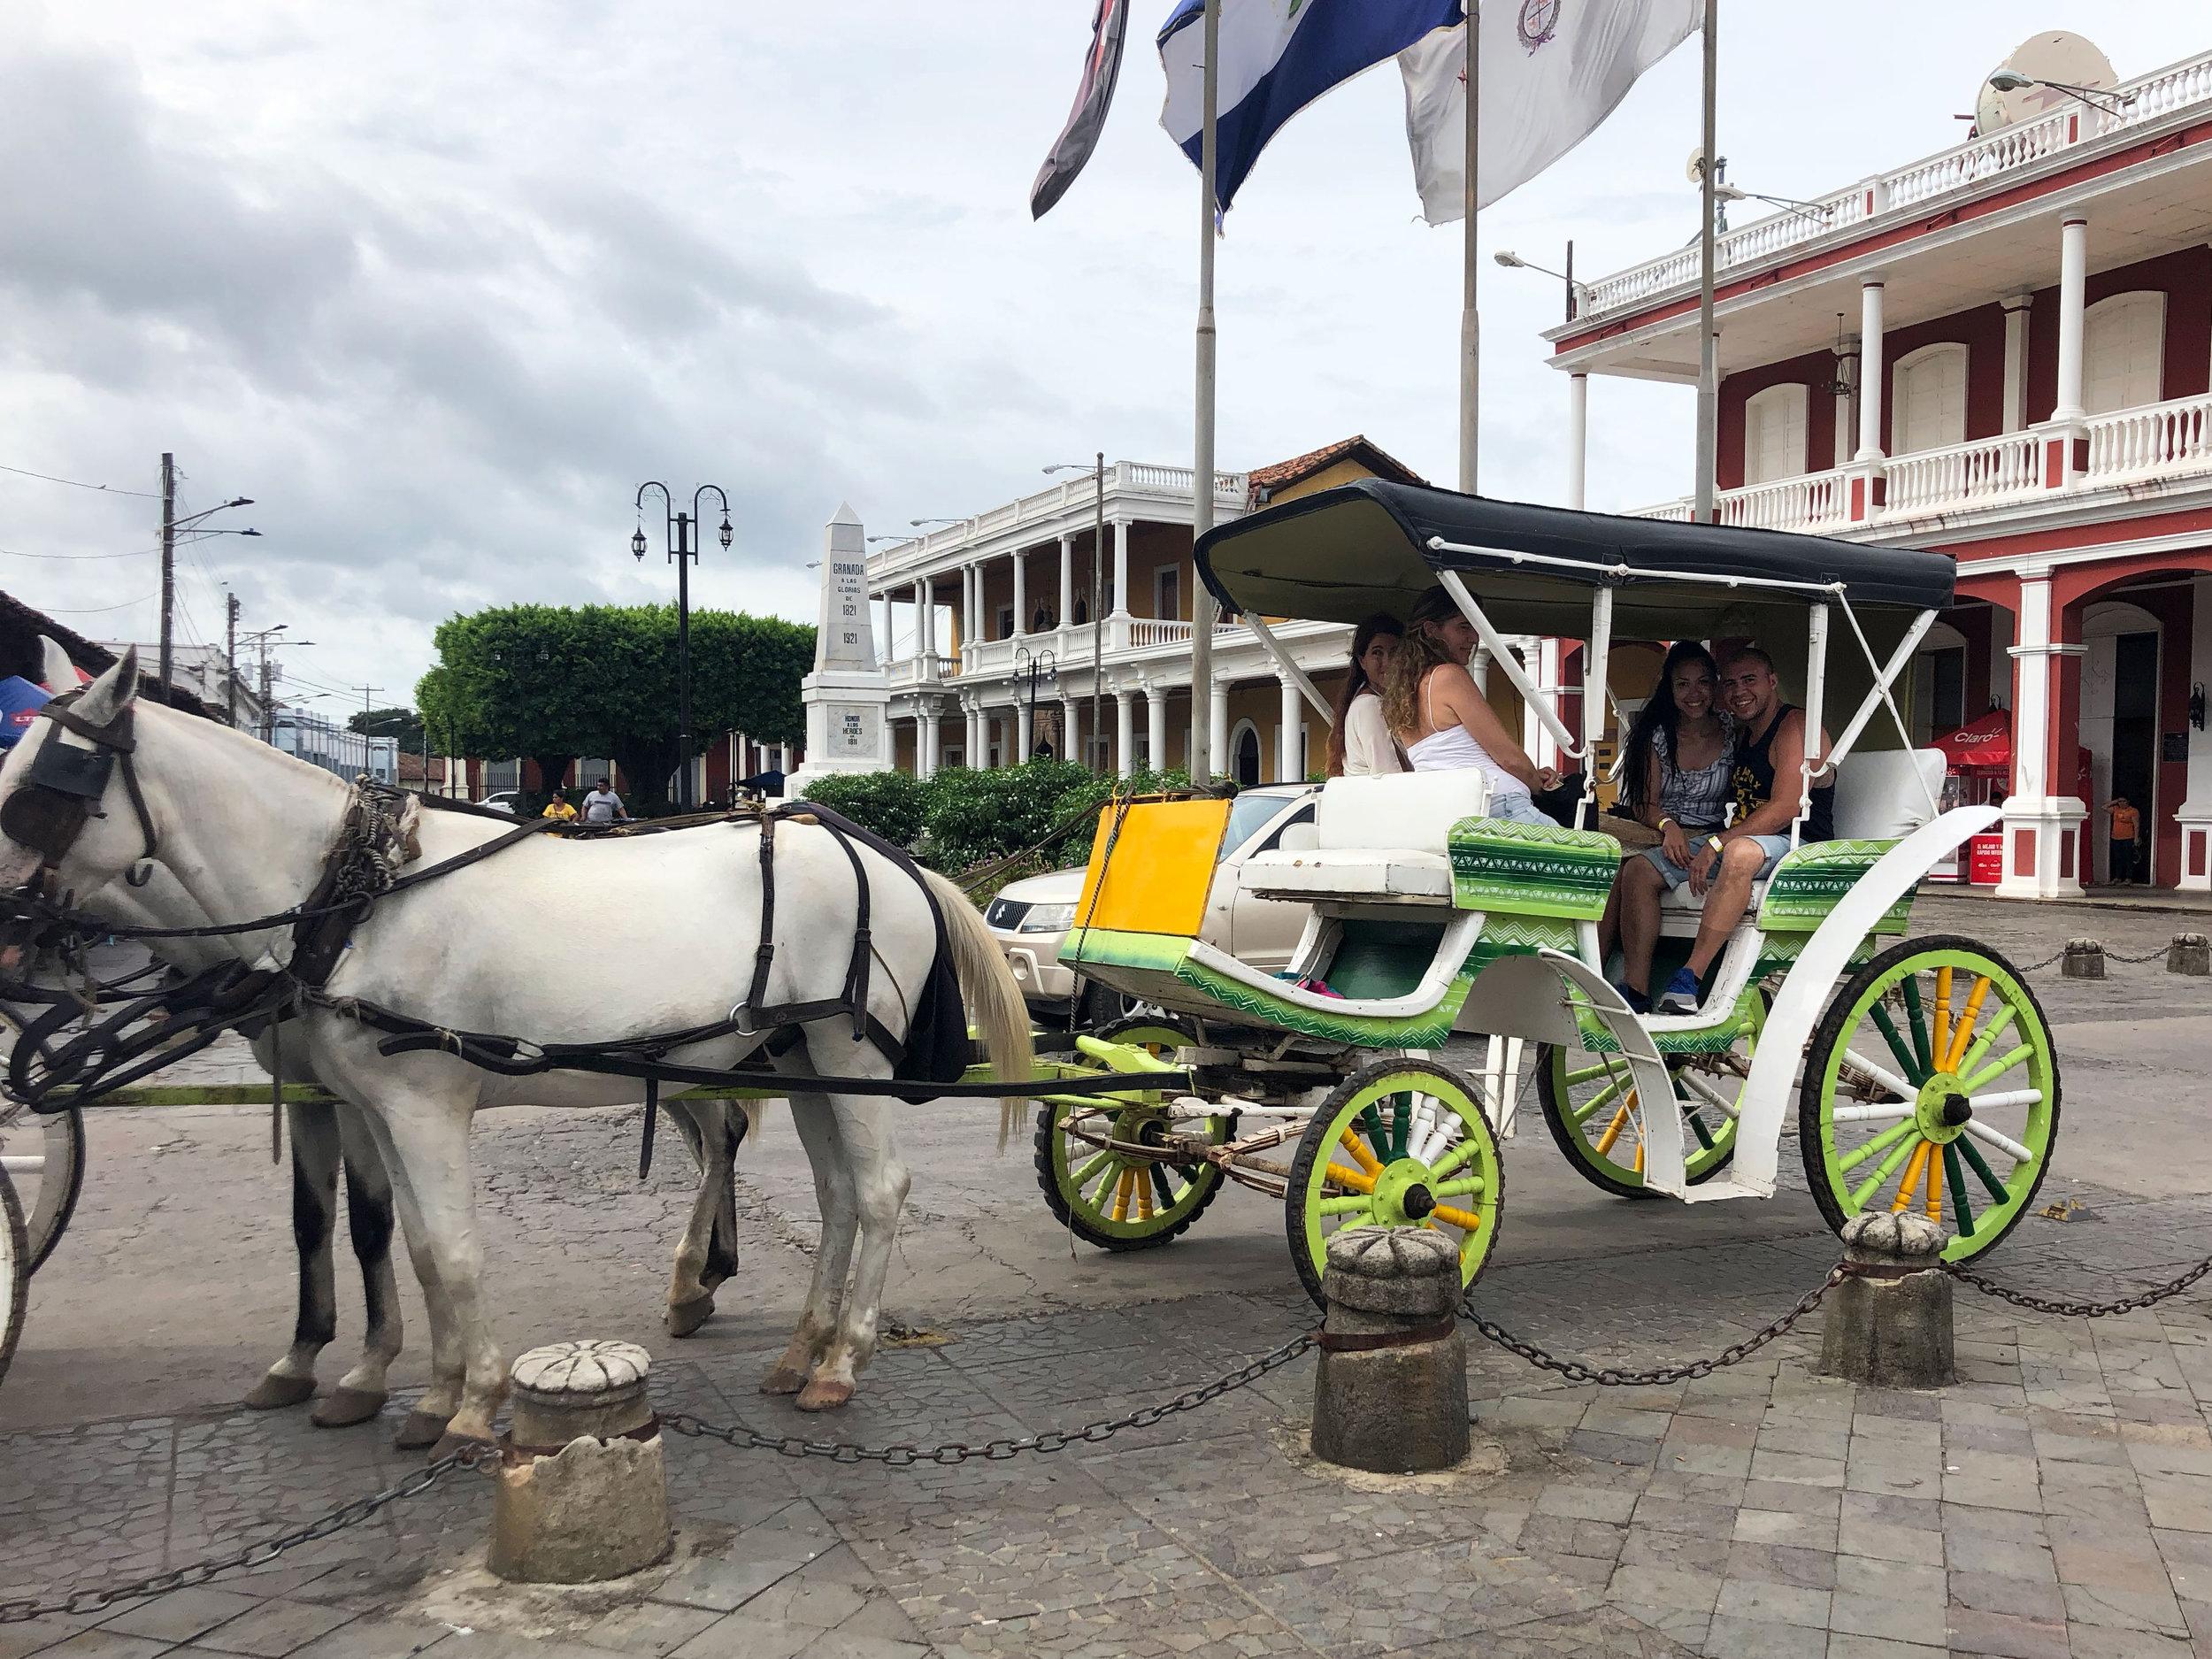 Granada | Granada, Nicaragua | Nicaragua | Granada Central Park | horse carriage ride | Nicaragua travel | Nicaragua bucket list | Nicaragua travel guide | Ana Jacqueline | anajacqueline.com